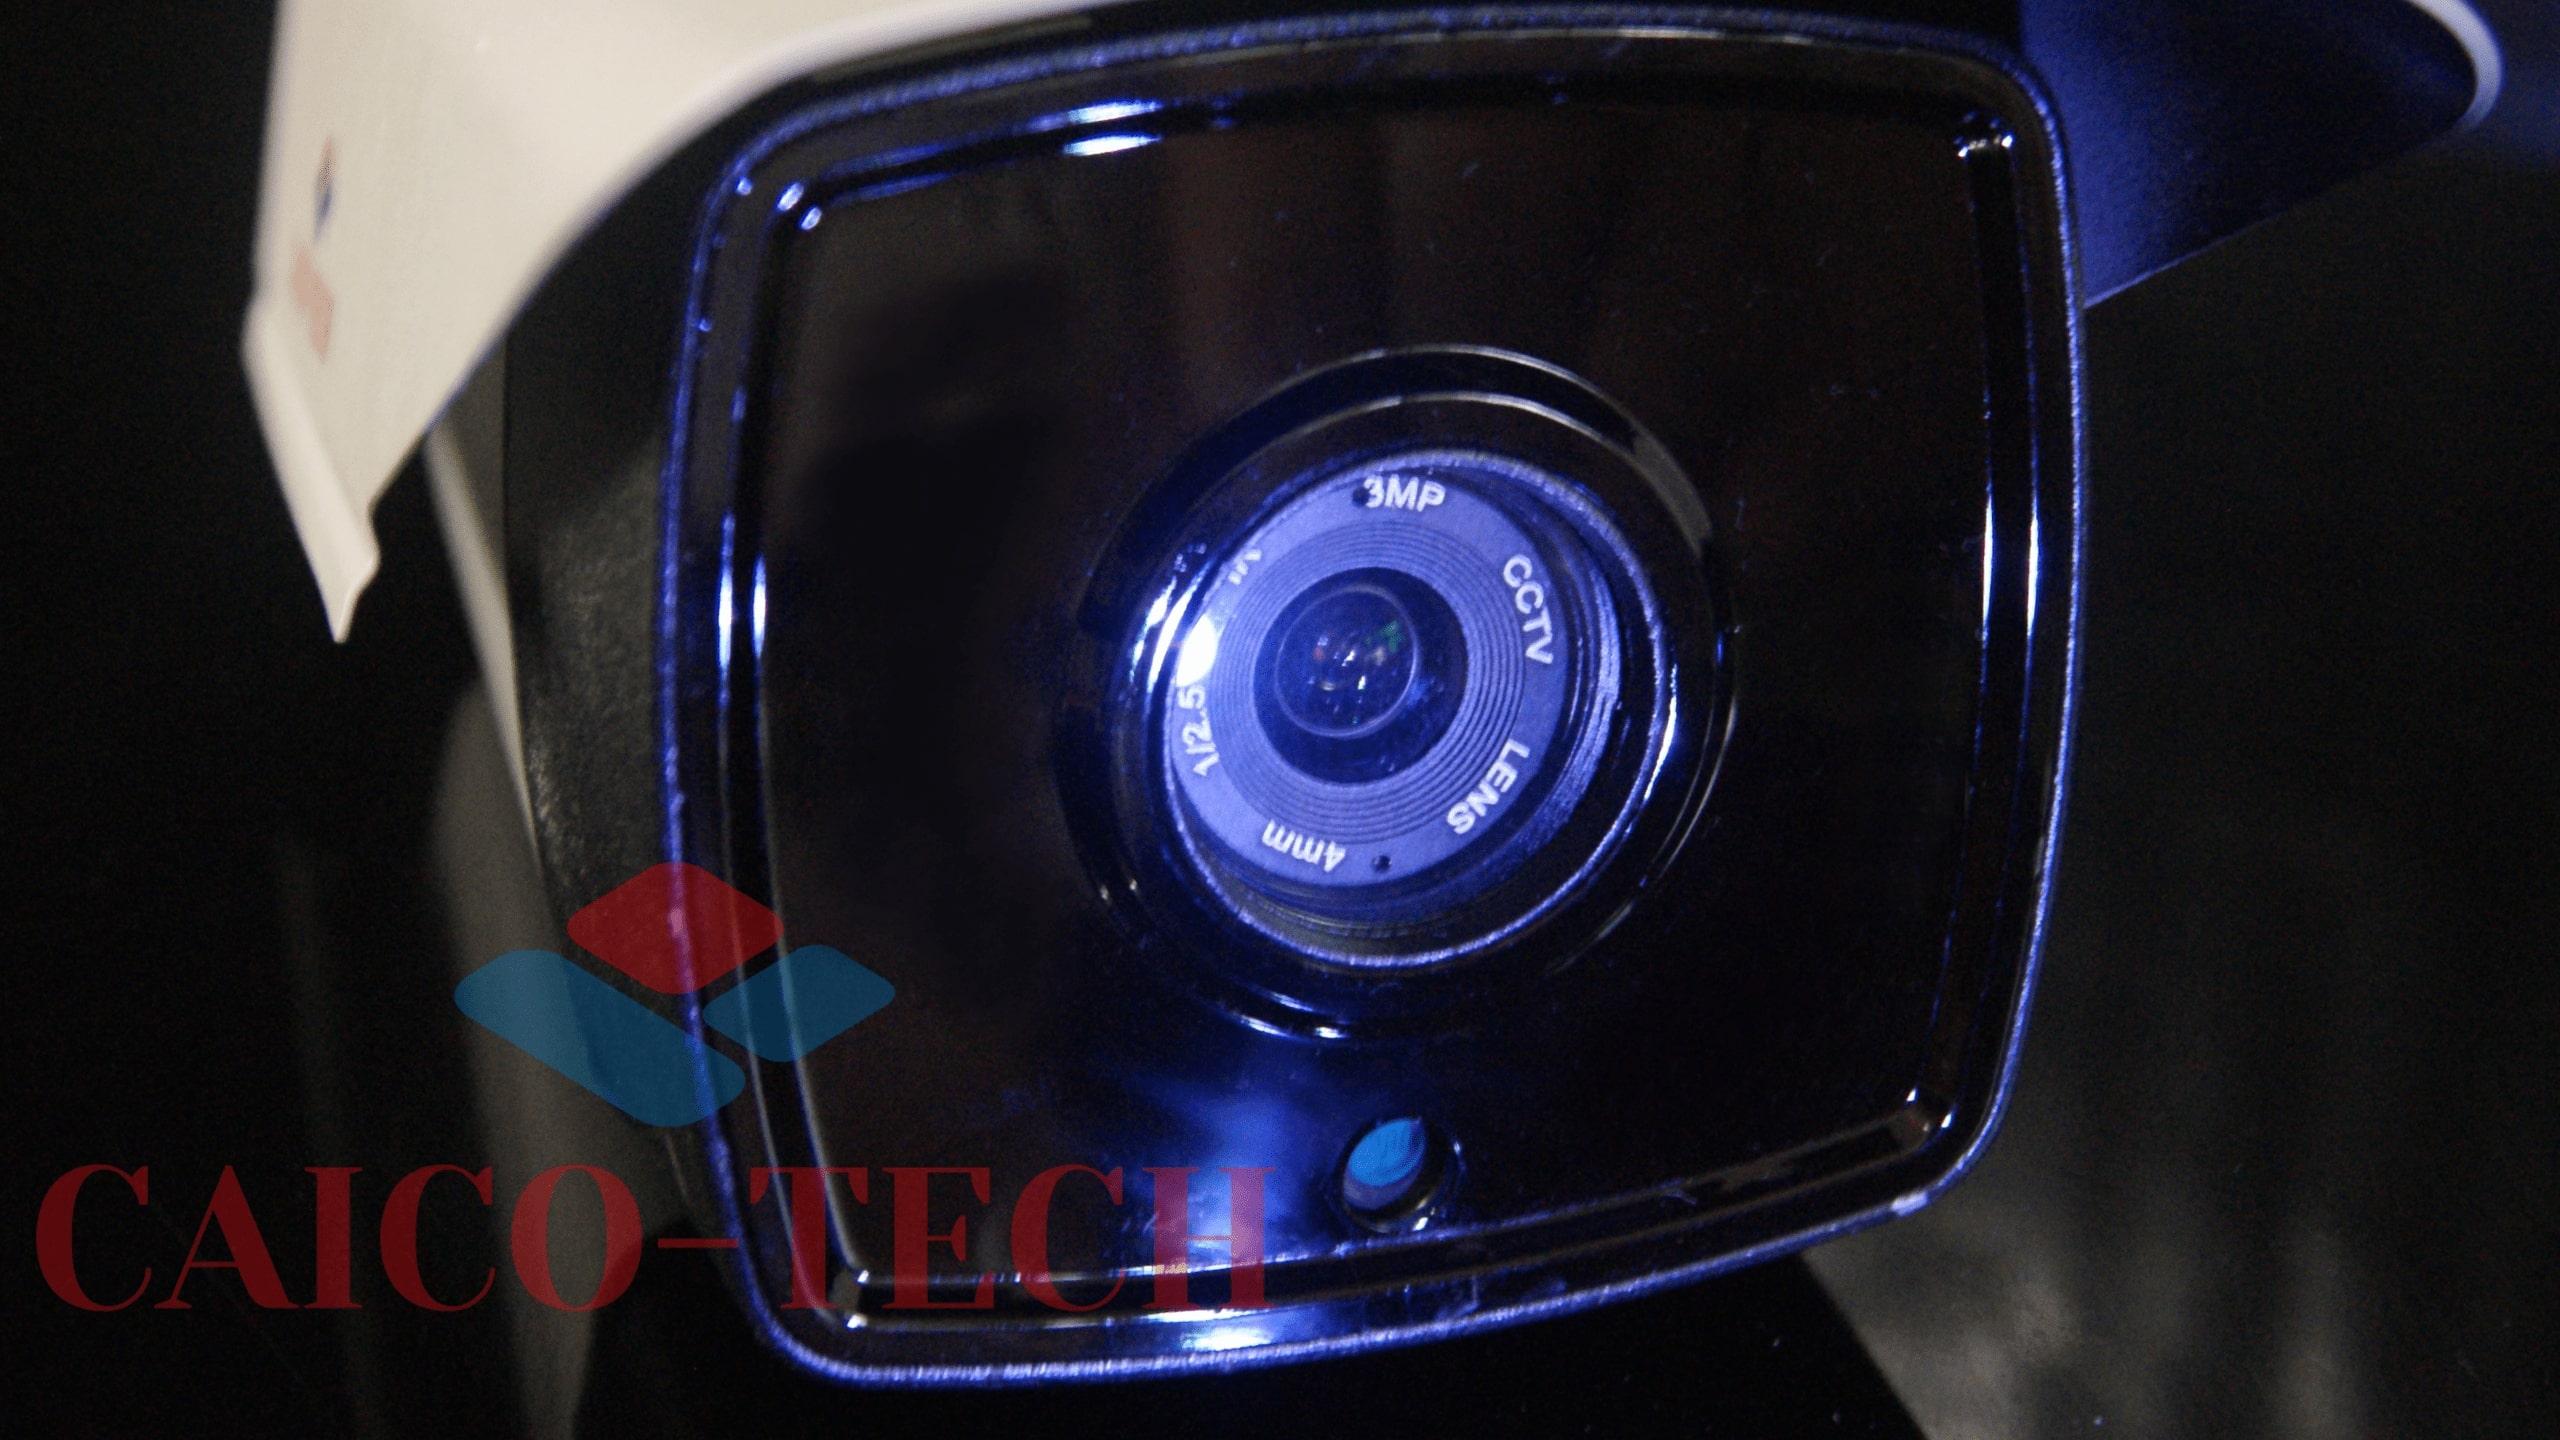 Лучшие камеры наблюдения описание CMOS BSI